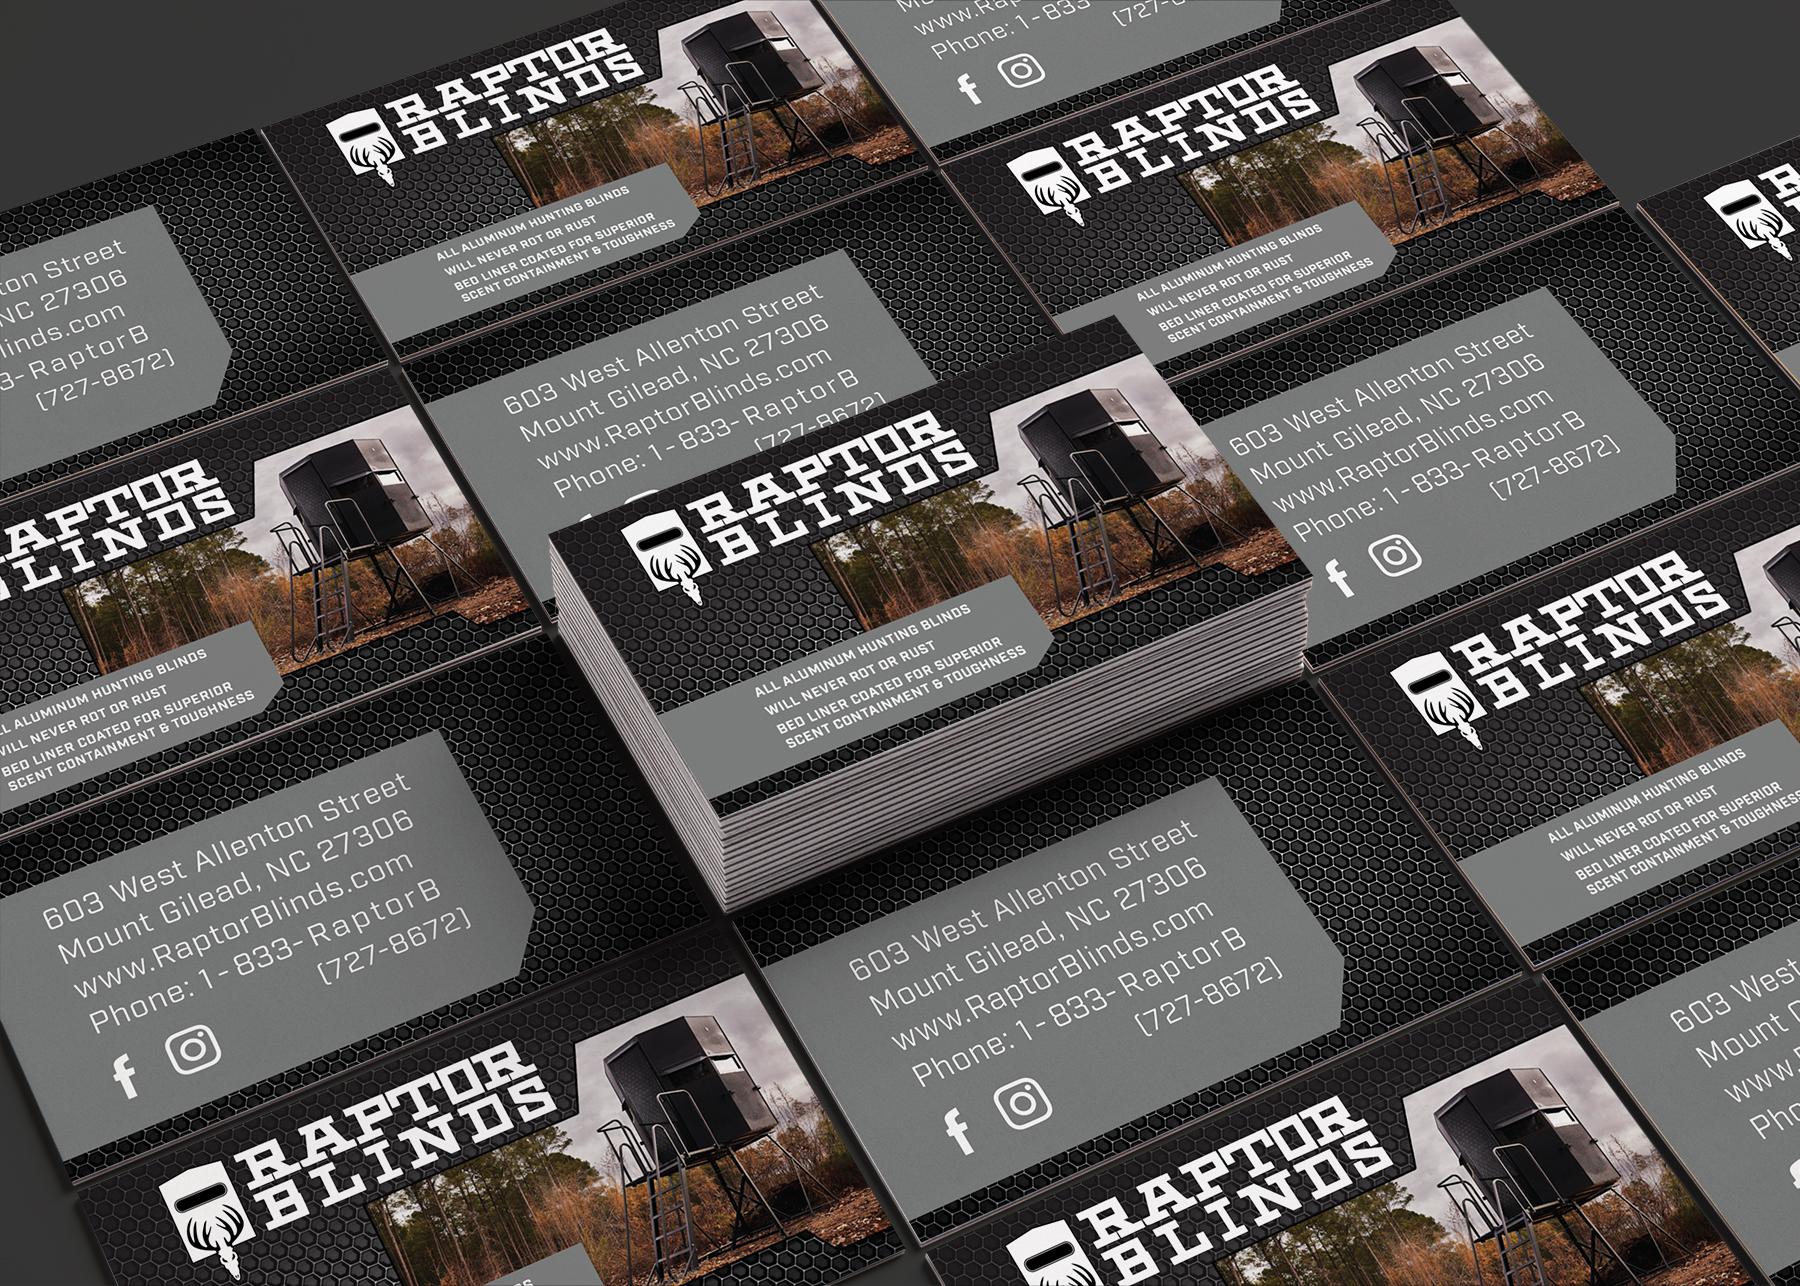 Raptor Blinds Business Card Mockup